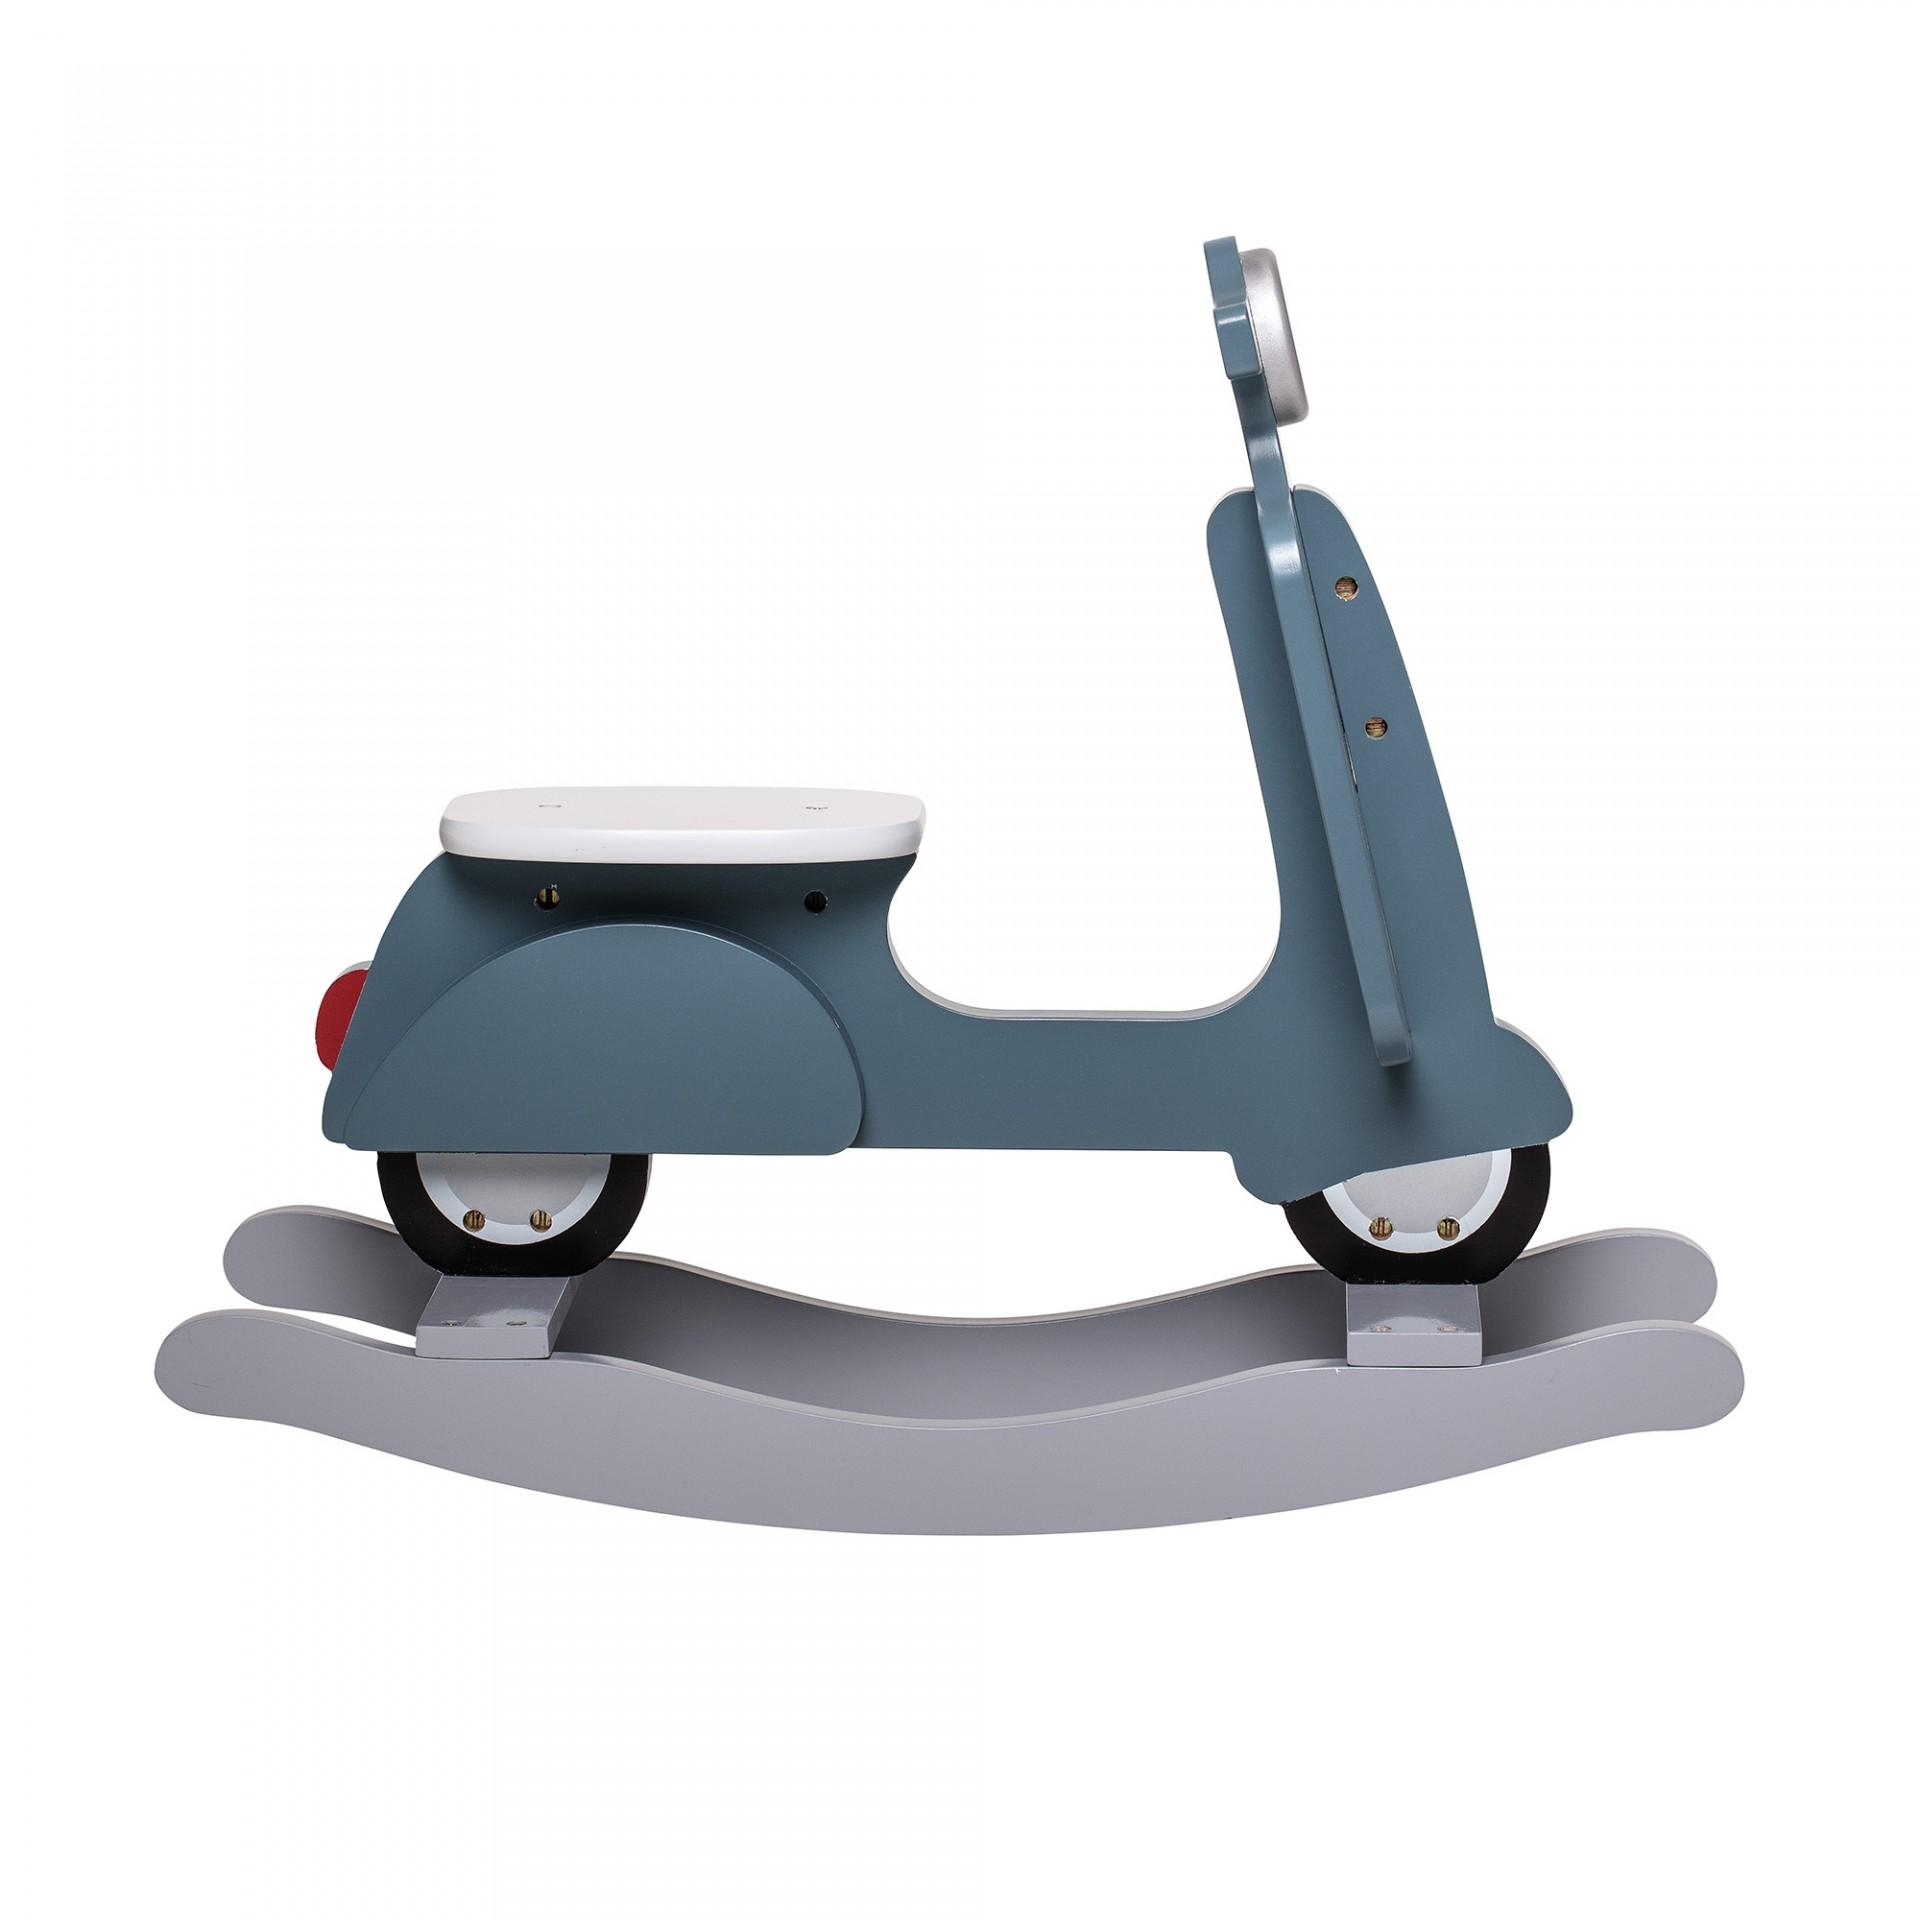 Scooter de baloiço, MDF/madeira de pinho